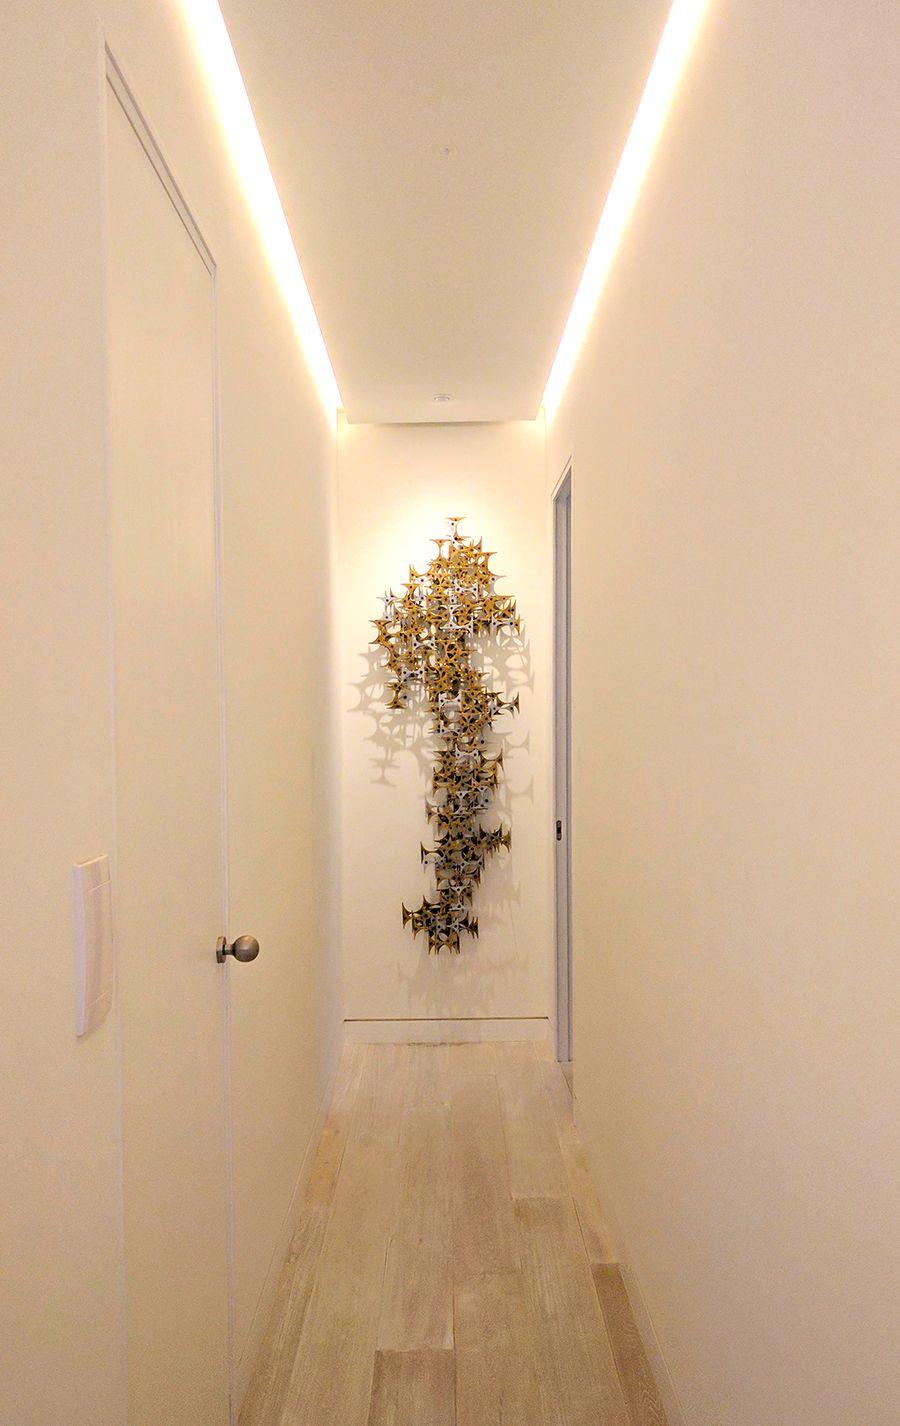 Pasillo con iluminaci n indirecta mediante tira de led - Iluminacion de pasillos ...